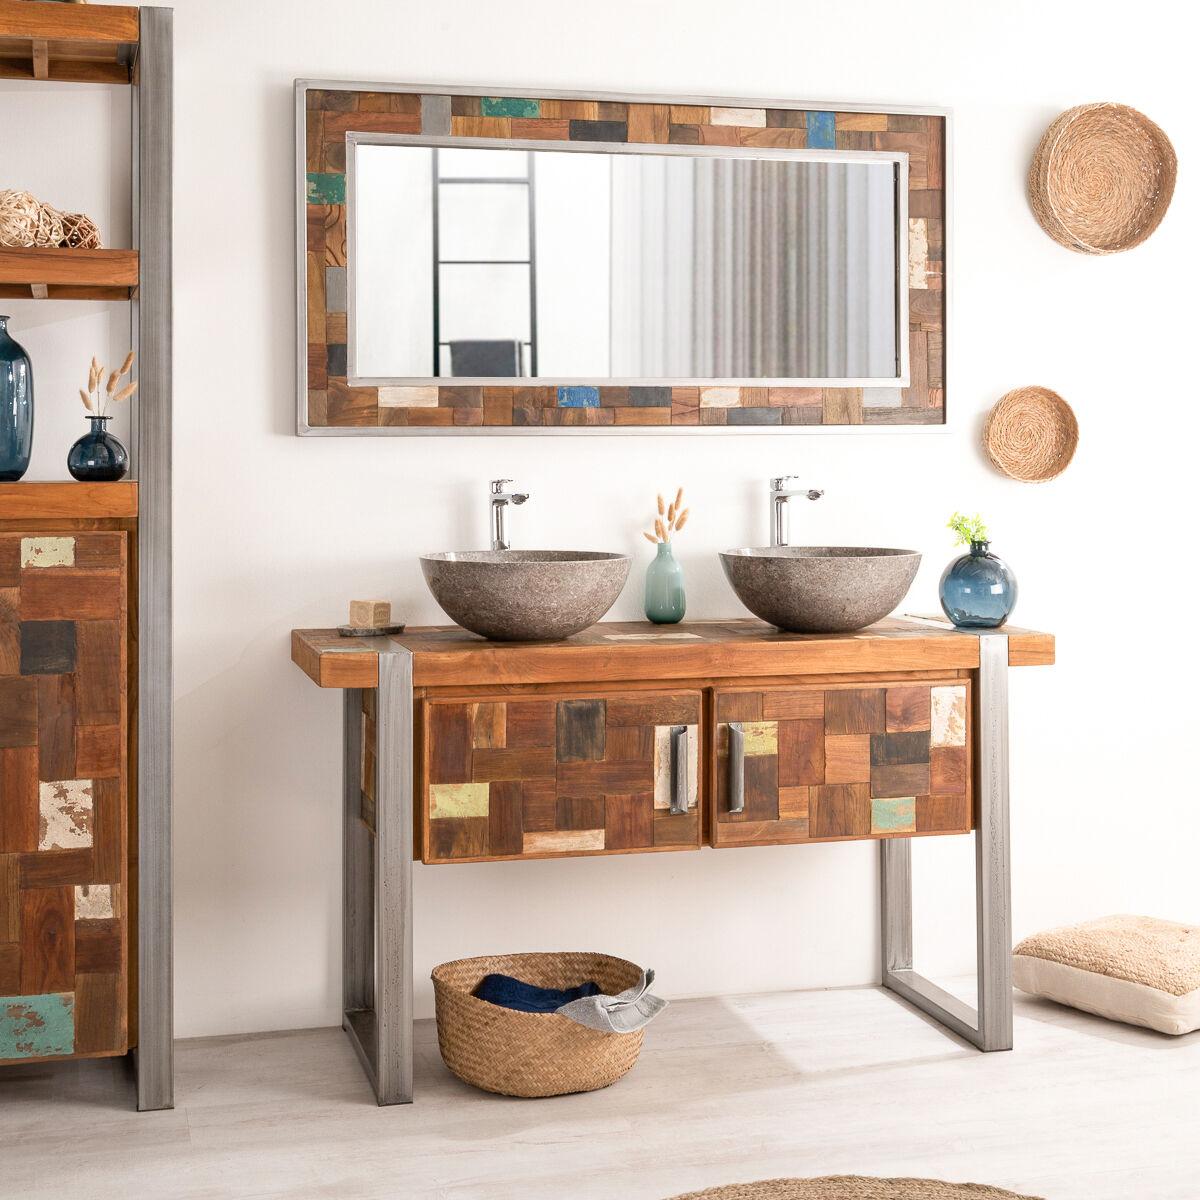 Wanda Collection Meuble double de salle de bain Factory teck métal 140 cm